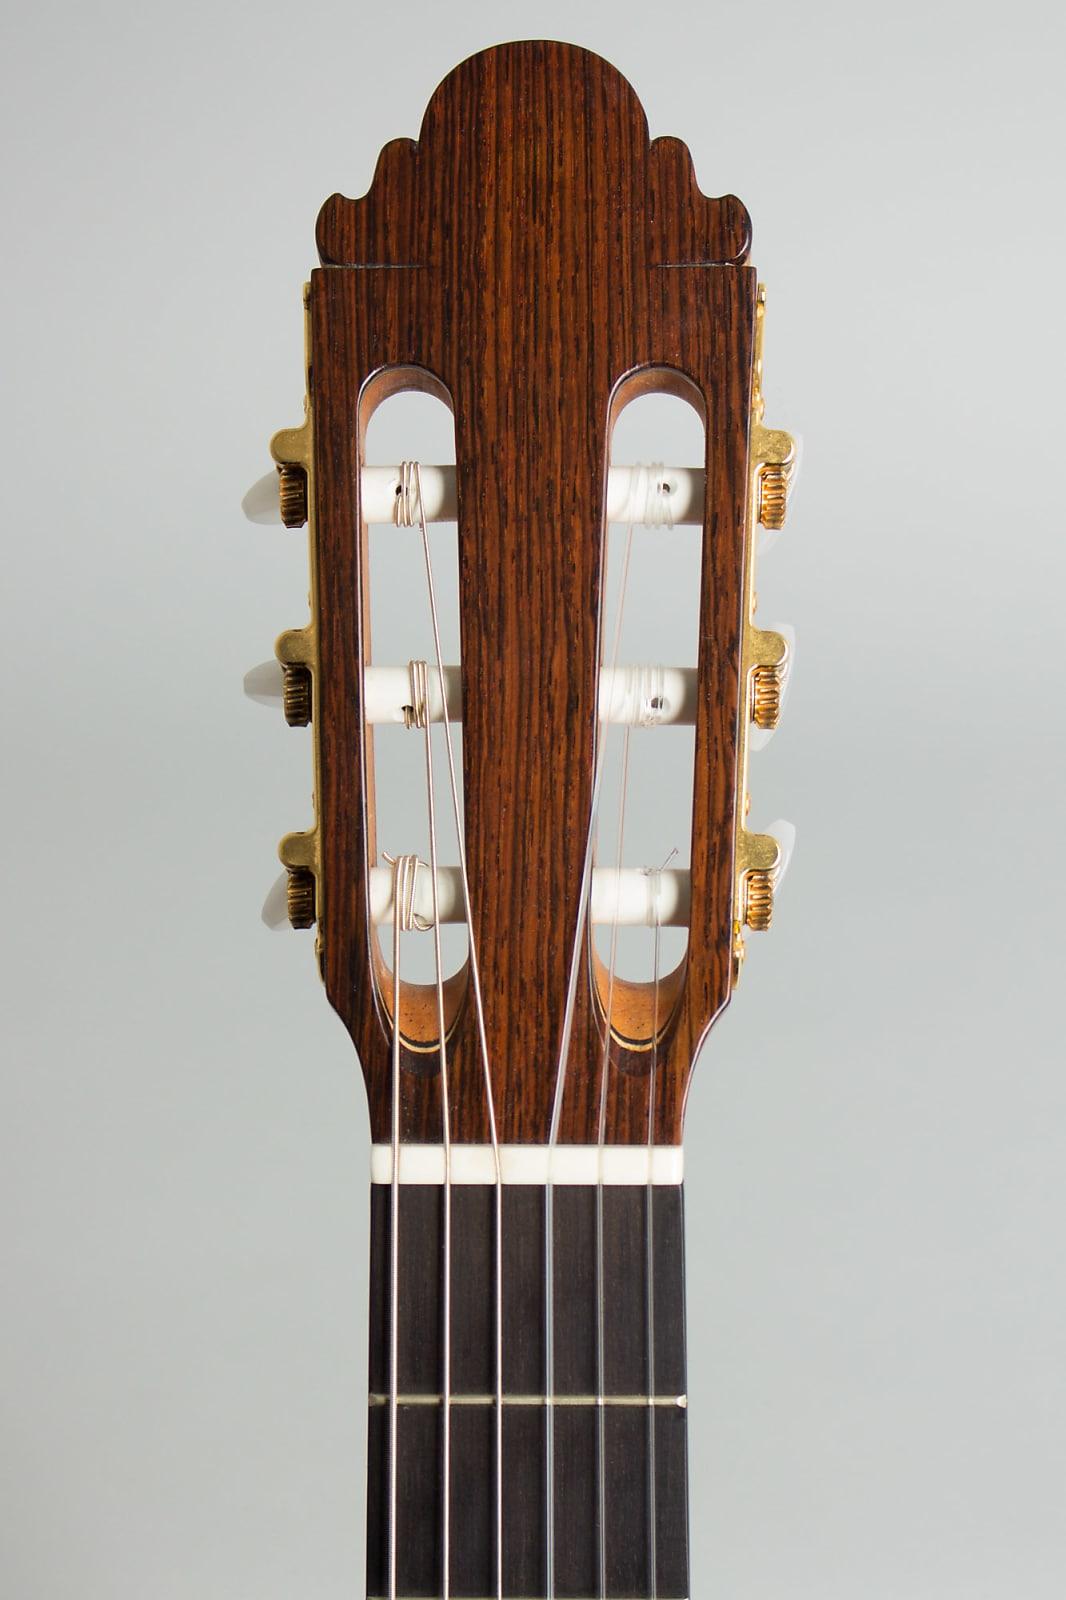 Casimiro Lozano  La Rio 1A Classical Guitar (2002), original molded black plastic hard shell case.